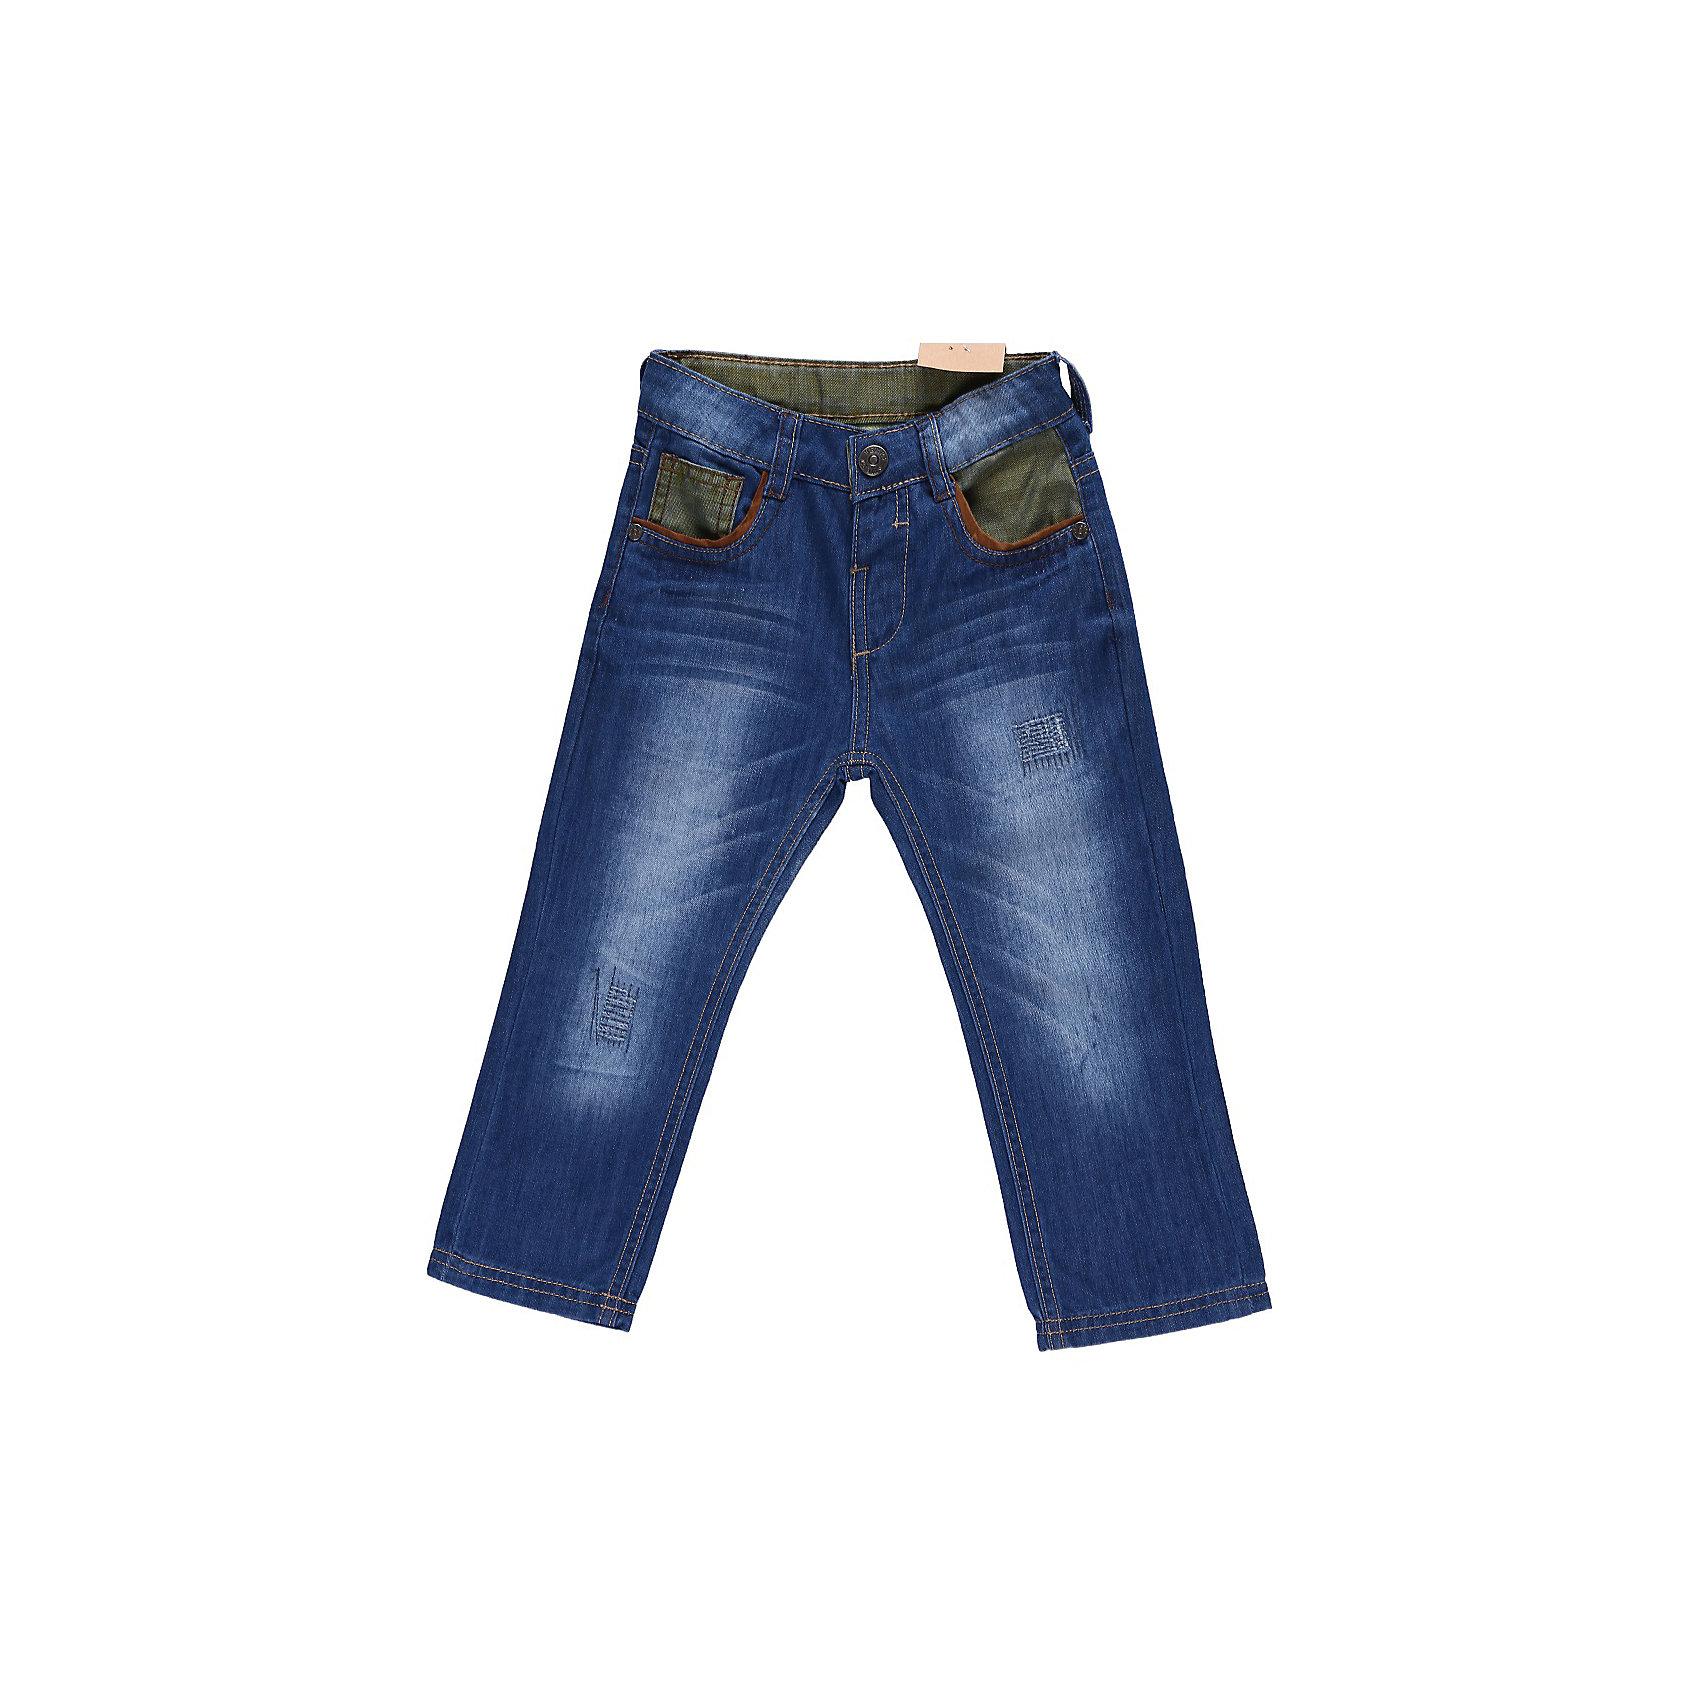 Джинсы для мальчика Sweet BerryДжинсы с контрастными вставками из цветной джинсы. С регулировкой внутри на поясе.<br>Состав:<br>100% хлопок<br><br>Ширина мм: 215<br>Глубина мм: 88<br>Высота мм: 191<br>Вес г: 336<br>Цвет: синий<br>Возраст от месяцев: 9<br>Возраст до месяцев: 12<br>Пол: Мужской<br>Возраст: Детский<br>Размер: 80,98,92,86<br>SKU: 4522129